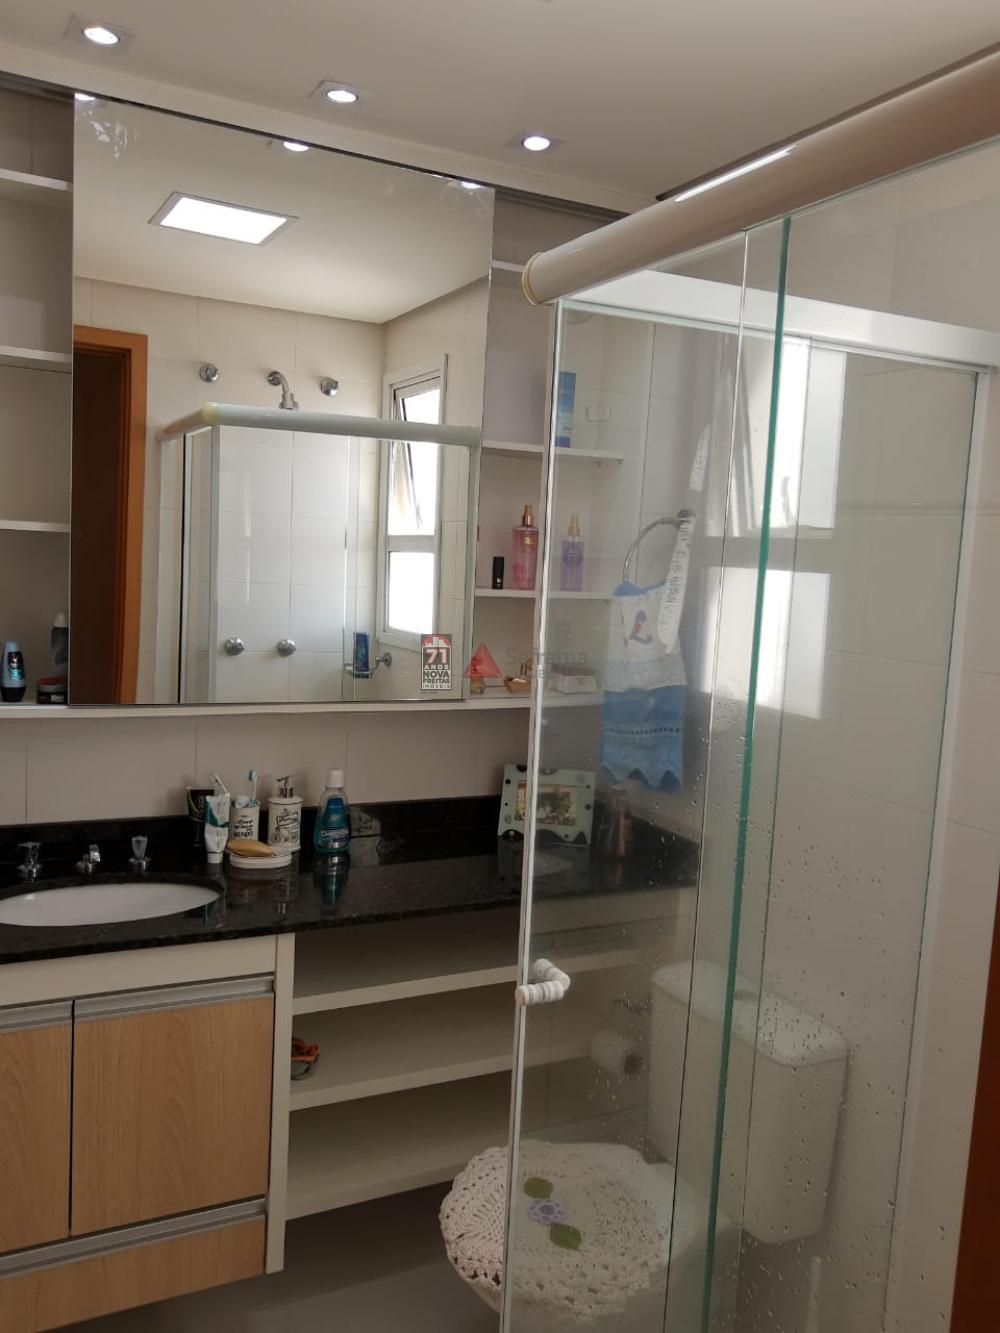 Comprar Apartamento / Padrão em São José dos Campos apenas R$ 470.000,00 - Foto 13